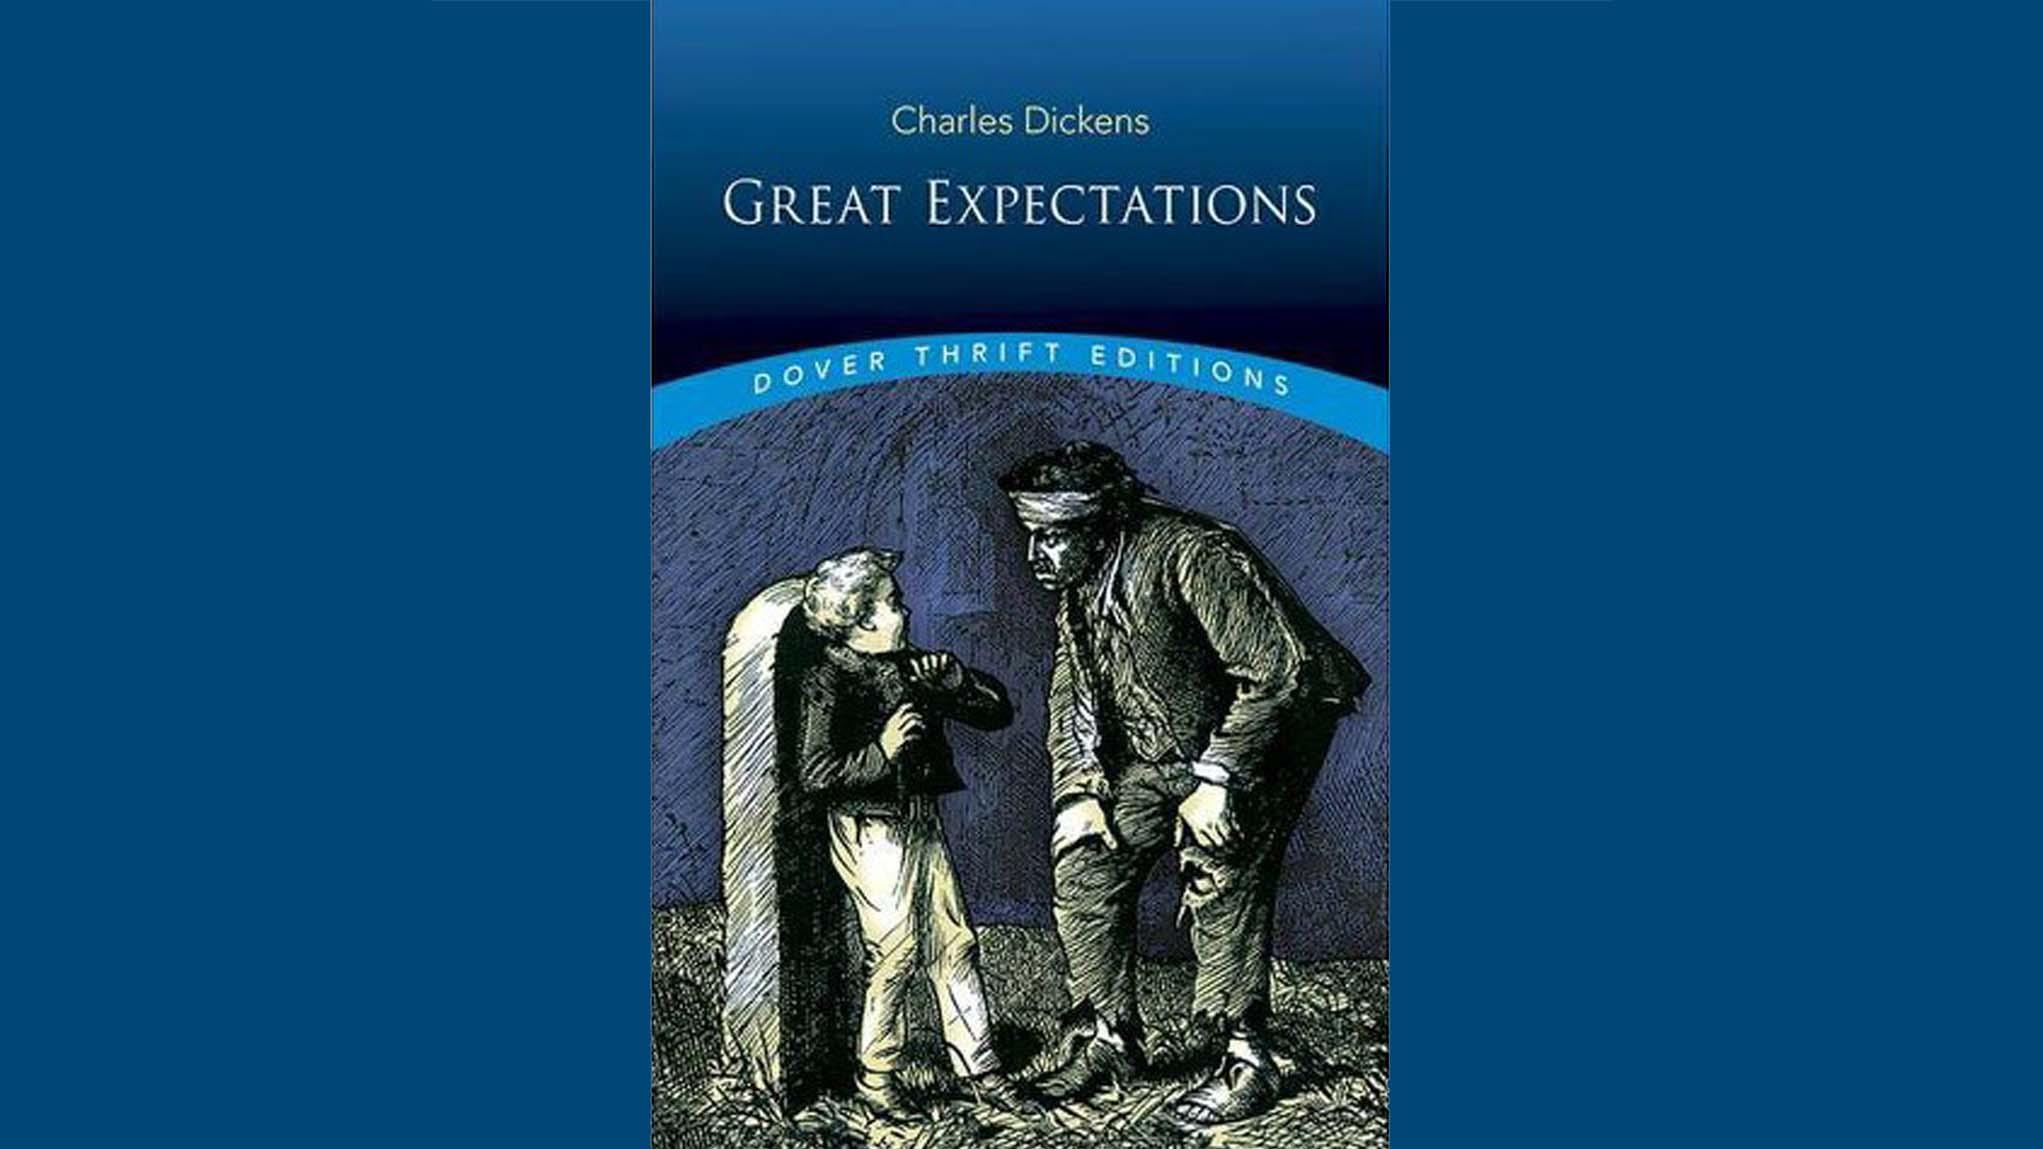 دانلود کتاب داستان انگلیسی آرزوهای بزرگ، اثرِ چارلز دیکنز